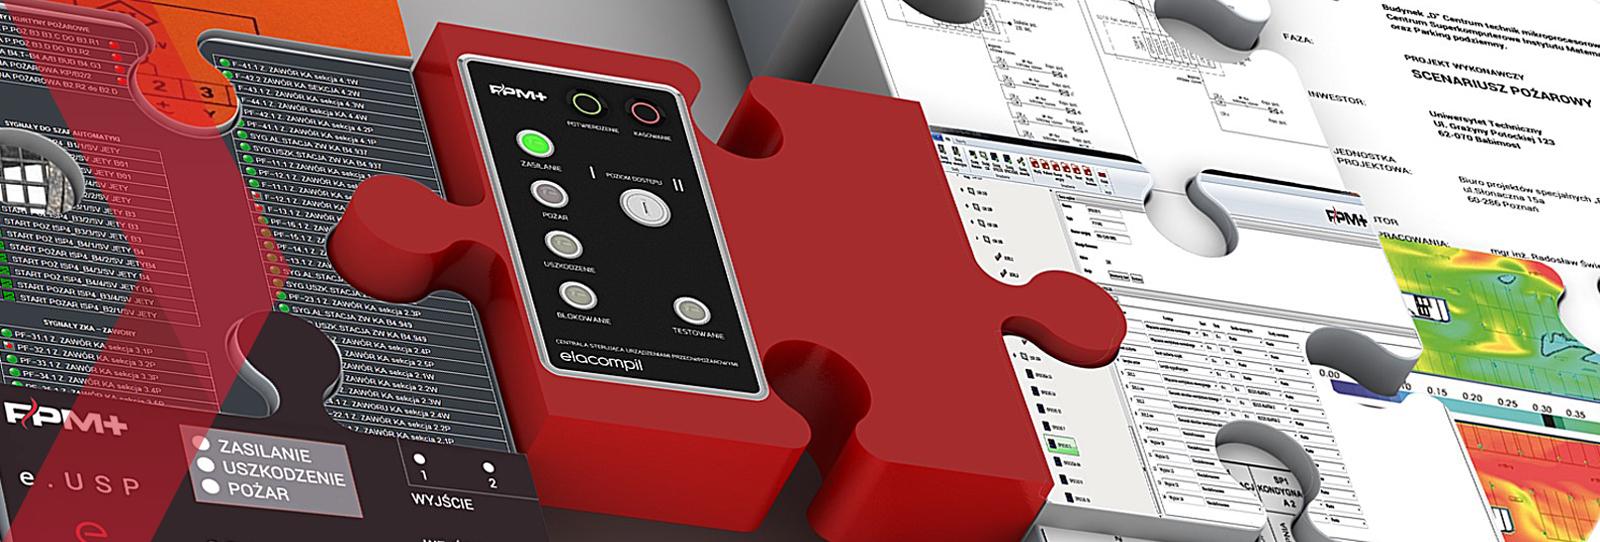 baner FPM+red_22.08